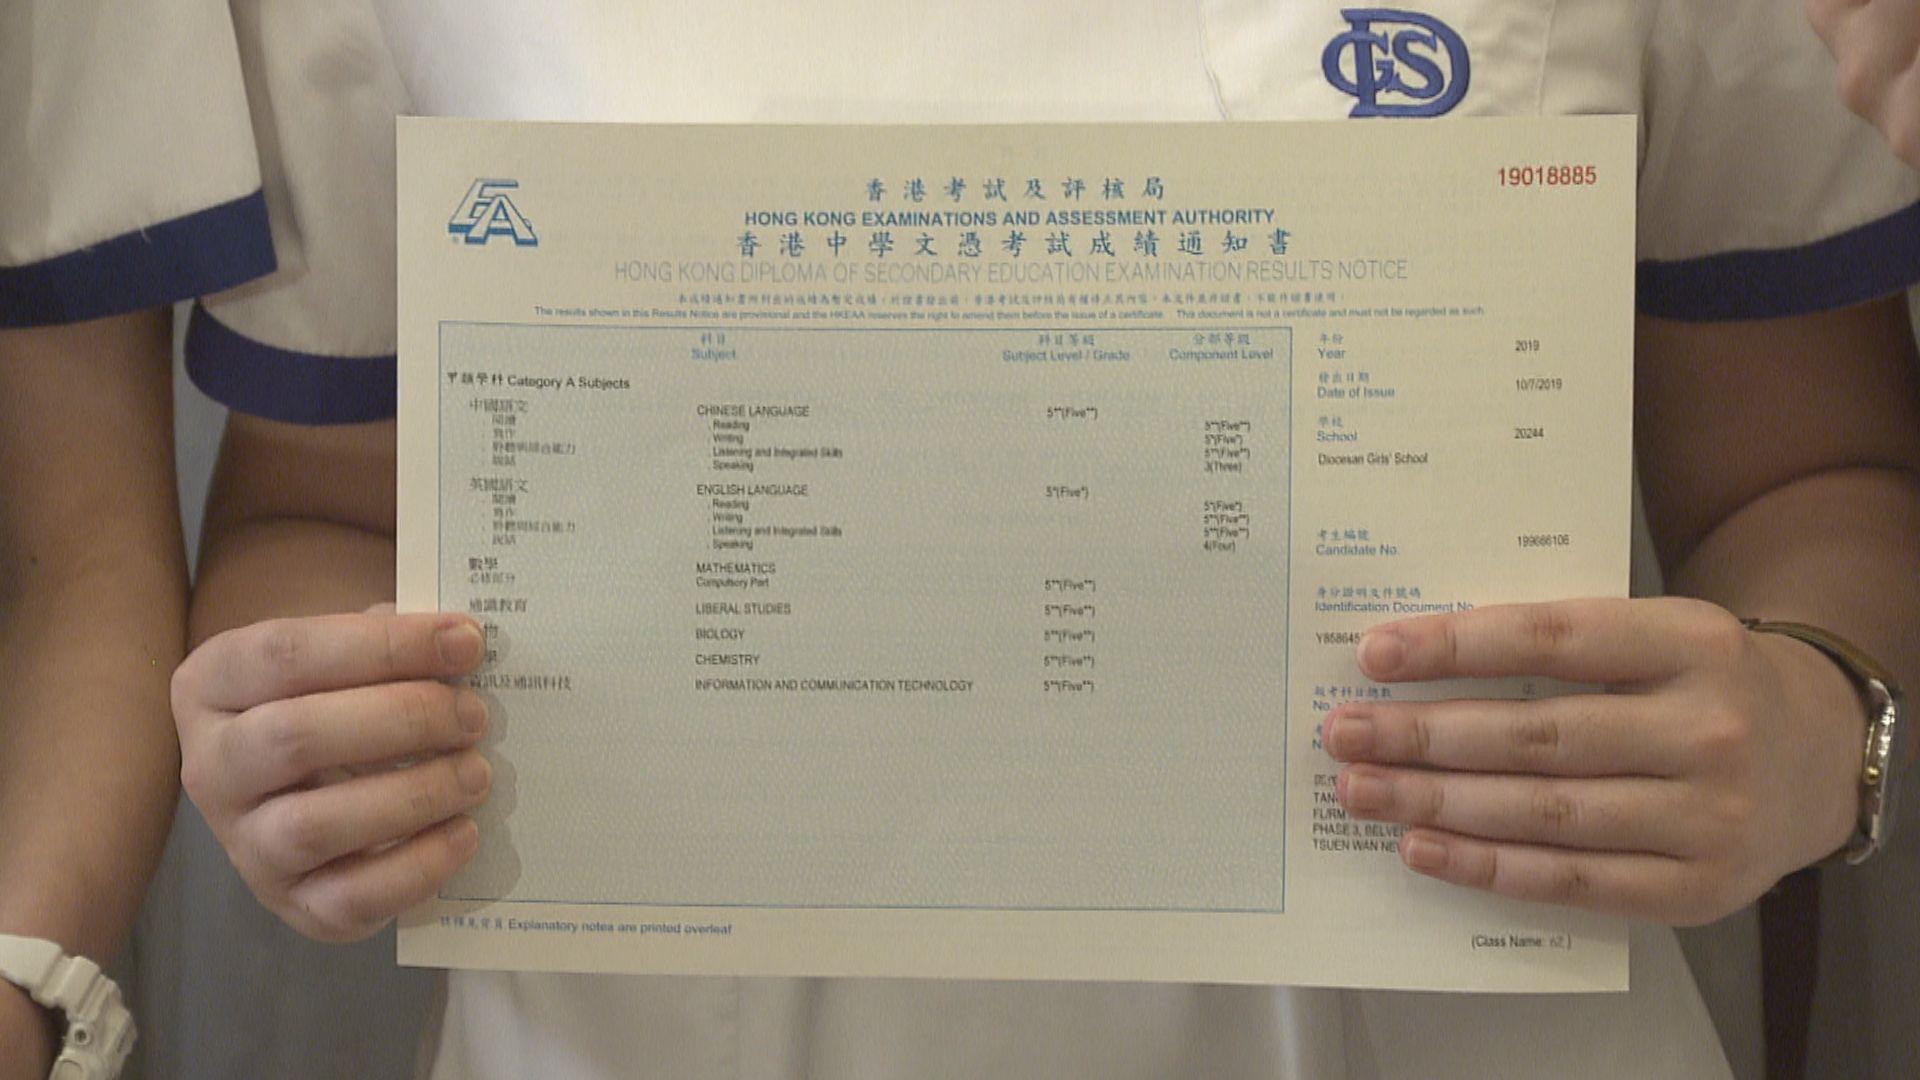 DSE明放榜 考評局指中文通識整體有進步